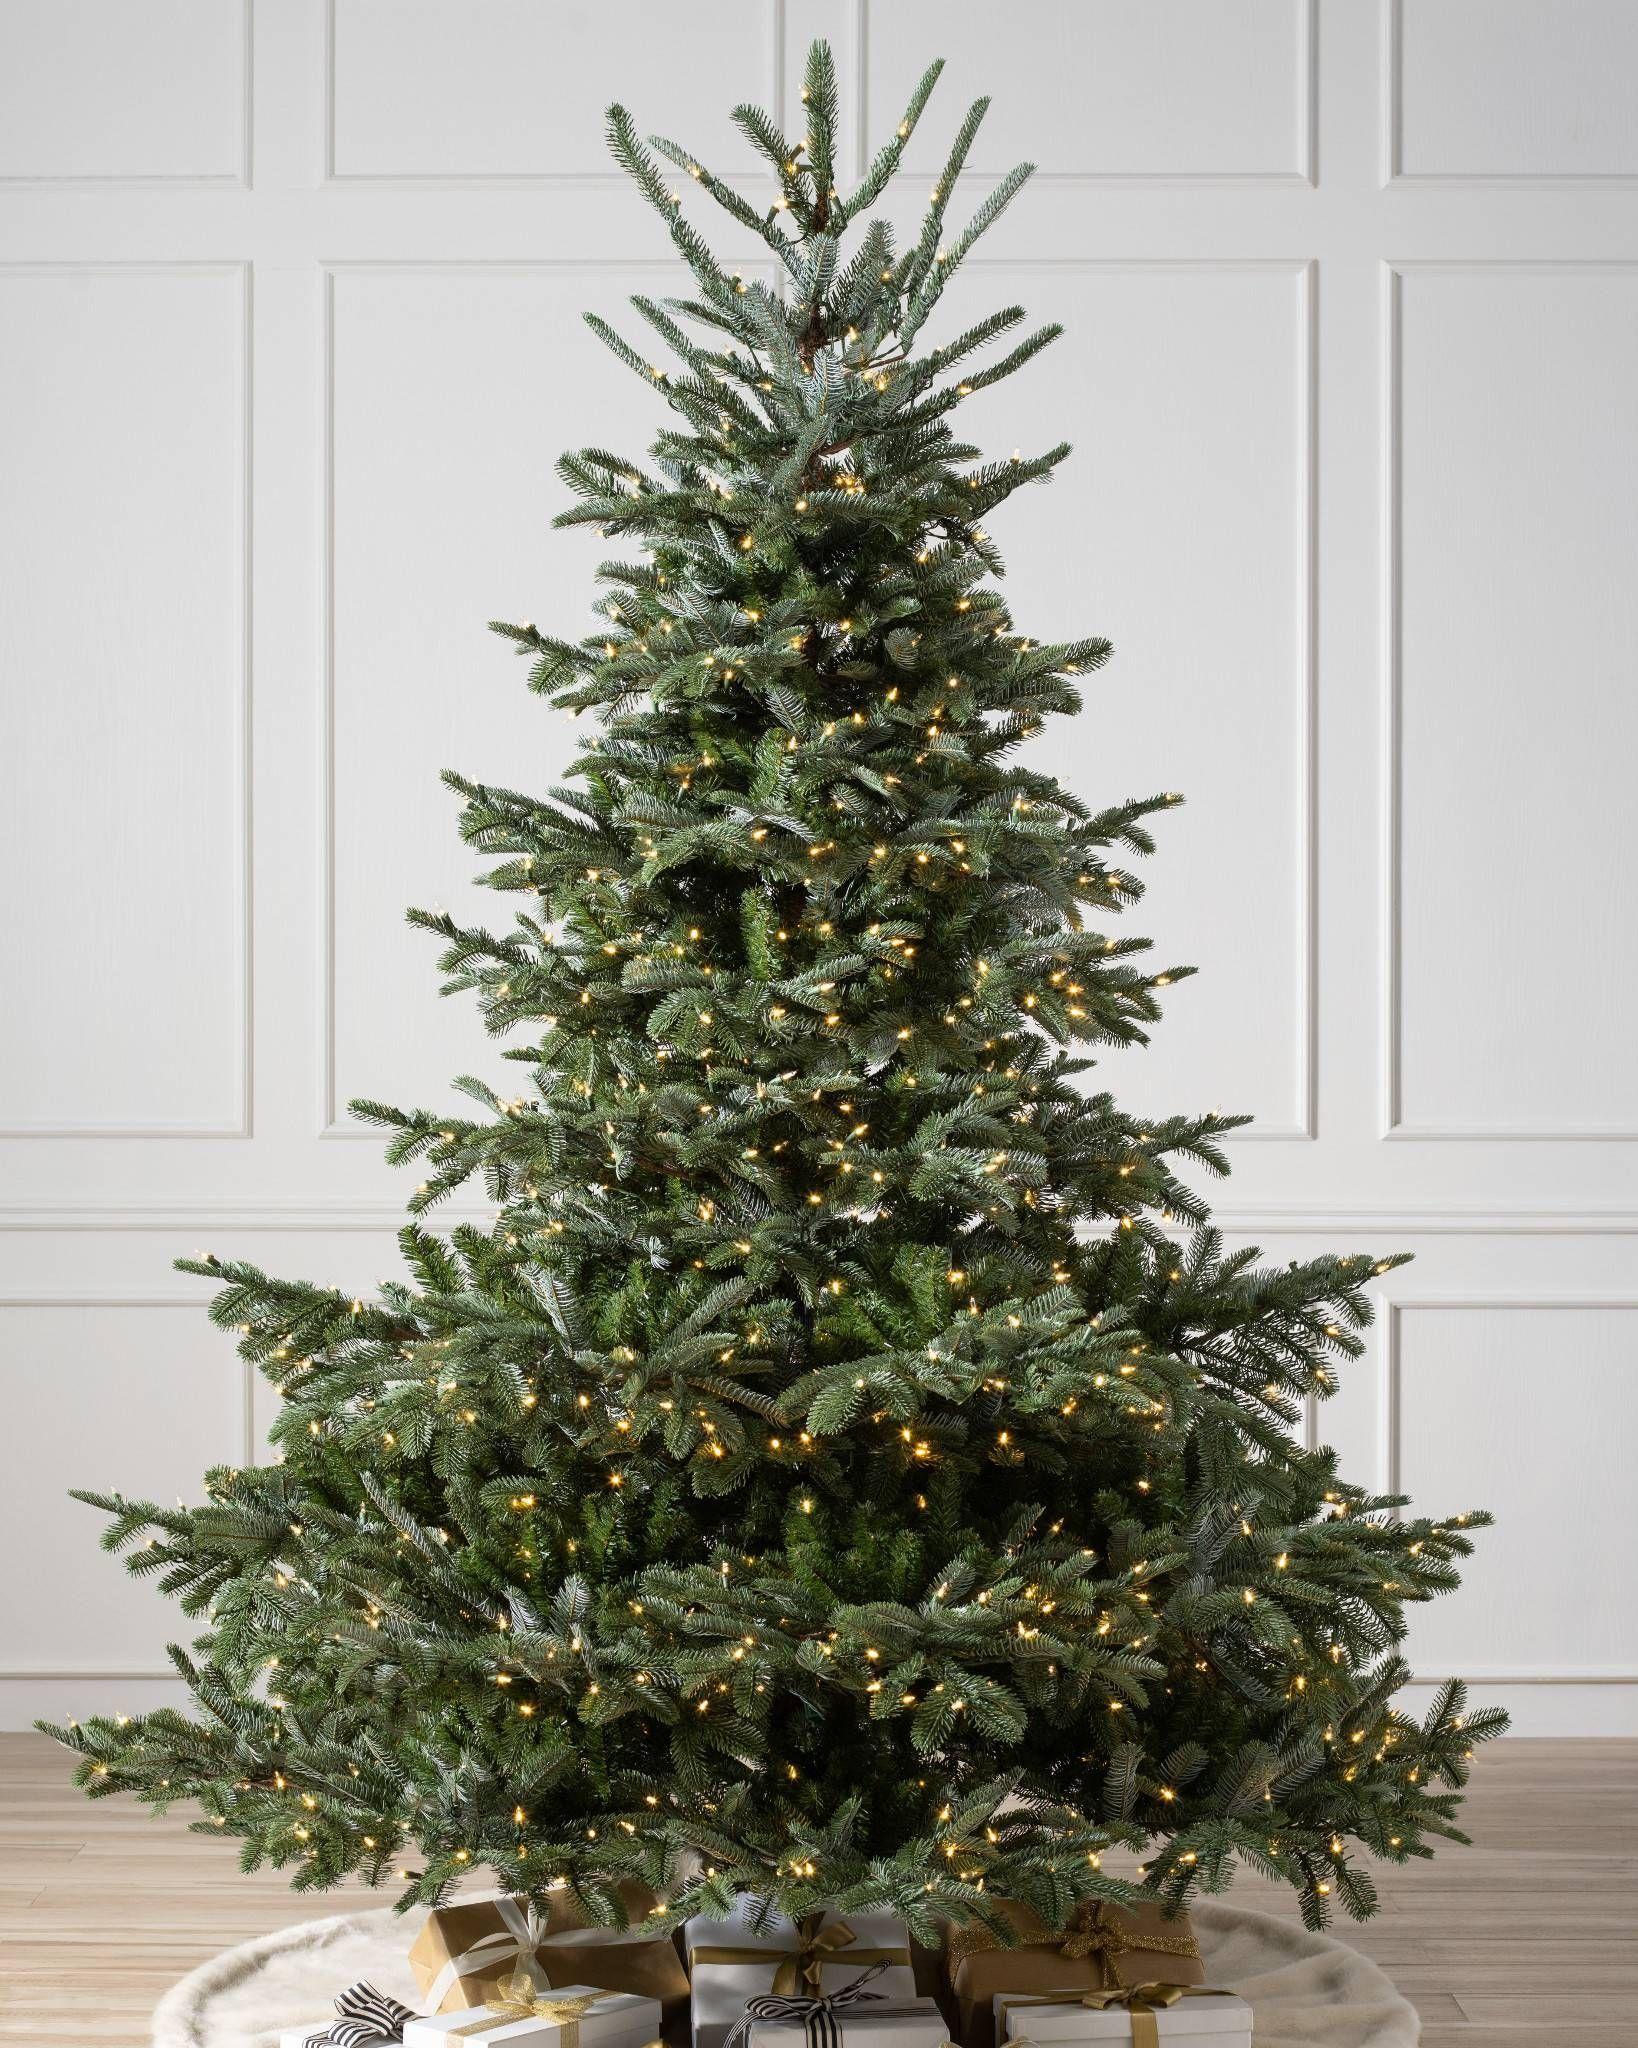 European Fir Artificial Christmas Tree Balsam Hill In 2020 Realistic Artificial Christmas Trees Fir Christmas Tree Real Christmas Tree